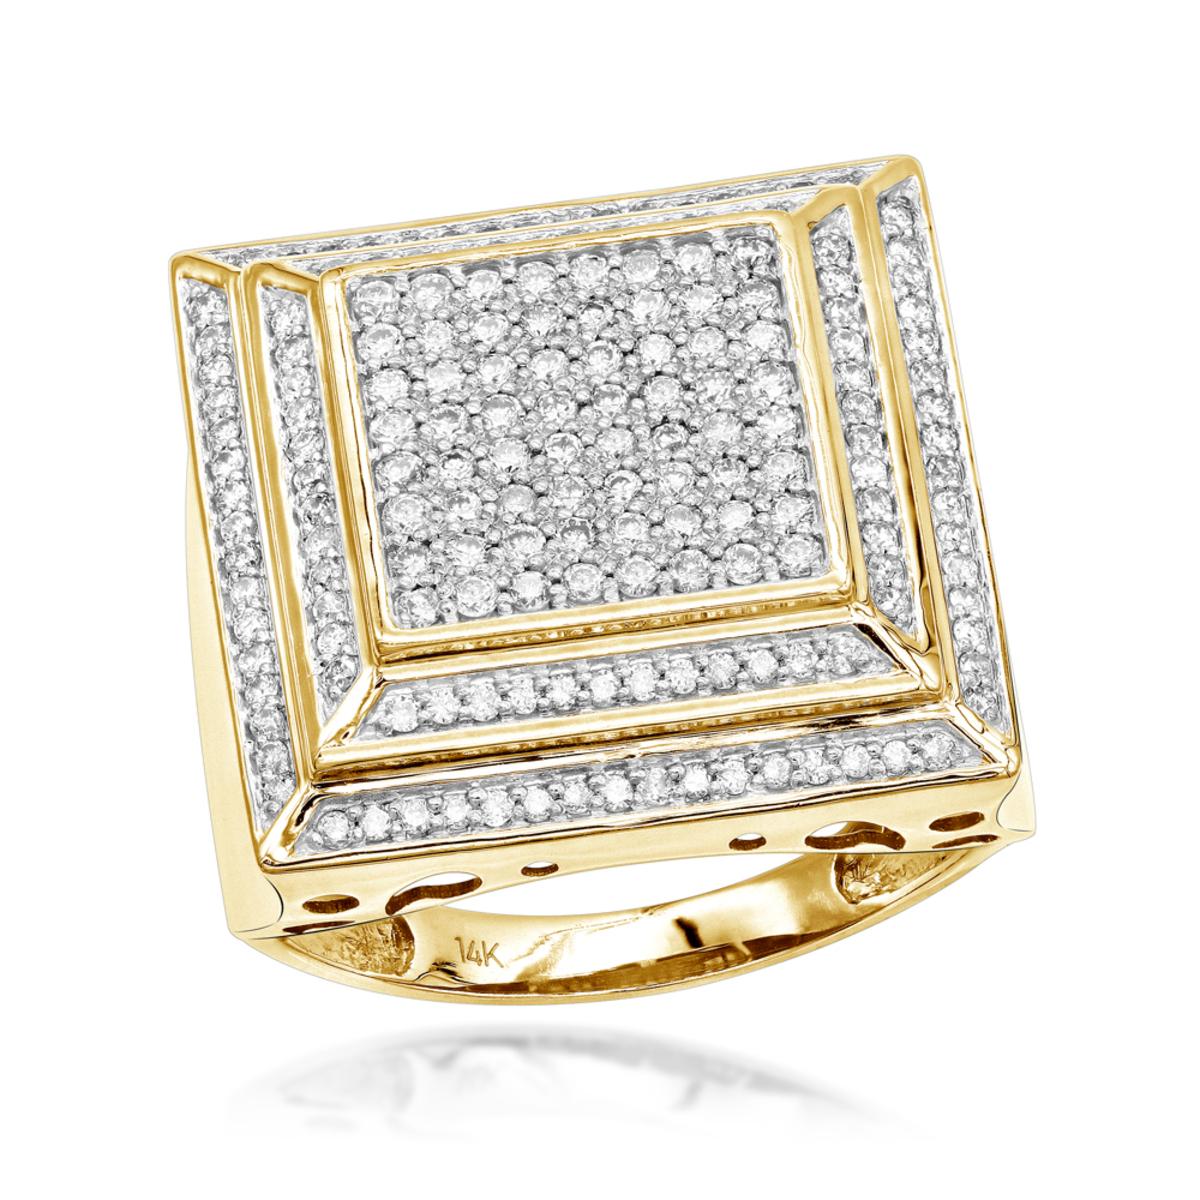 14K Pave Mens Diamond Ring 2 ct